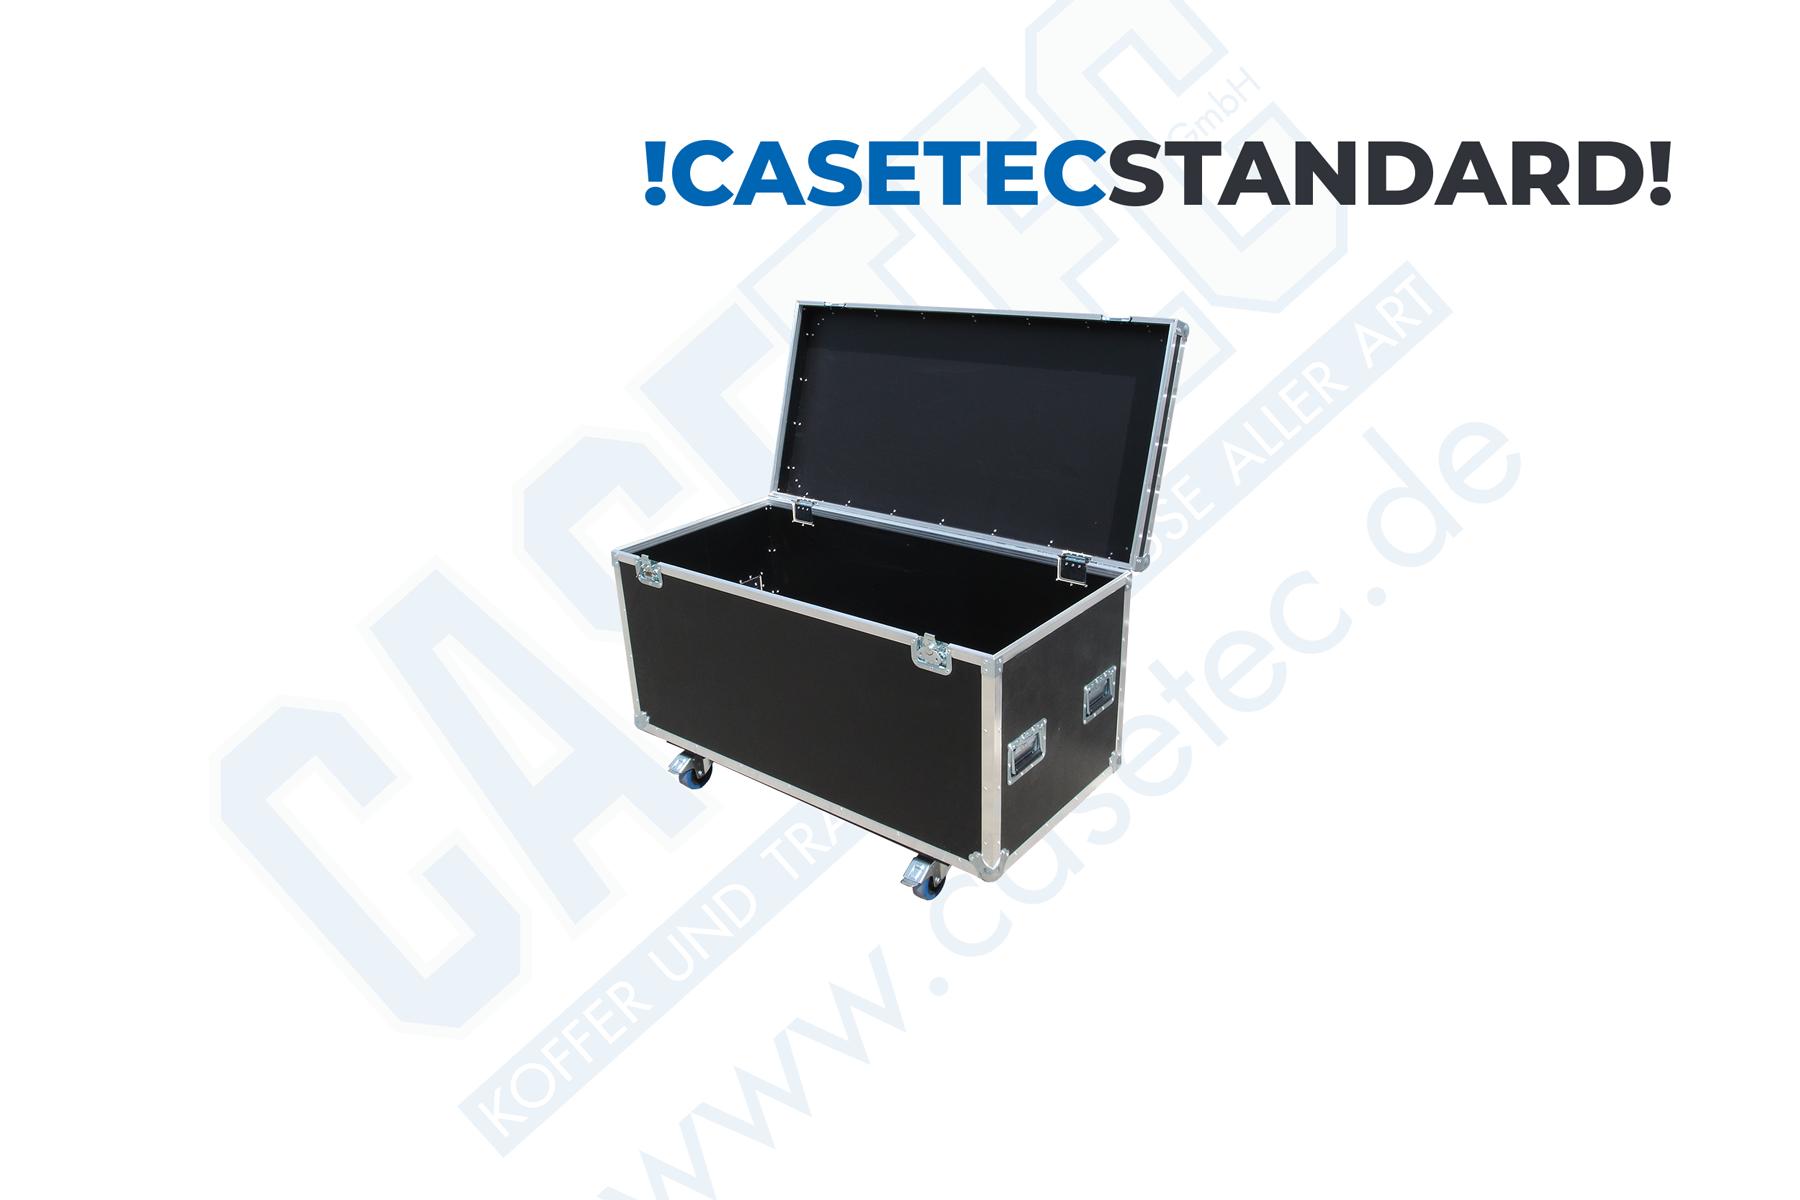 120er Packcase (Economy)